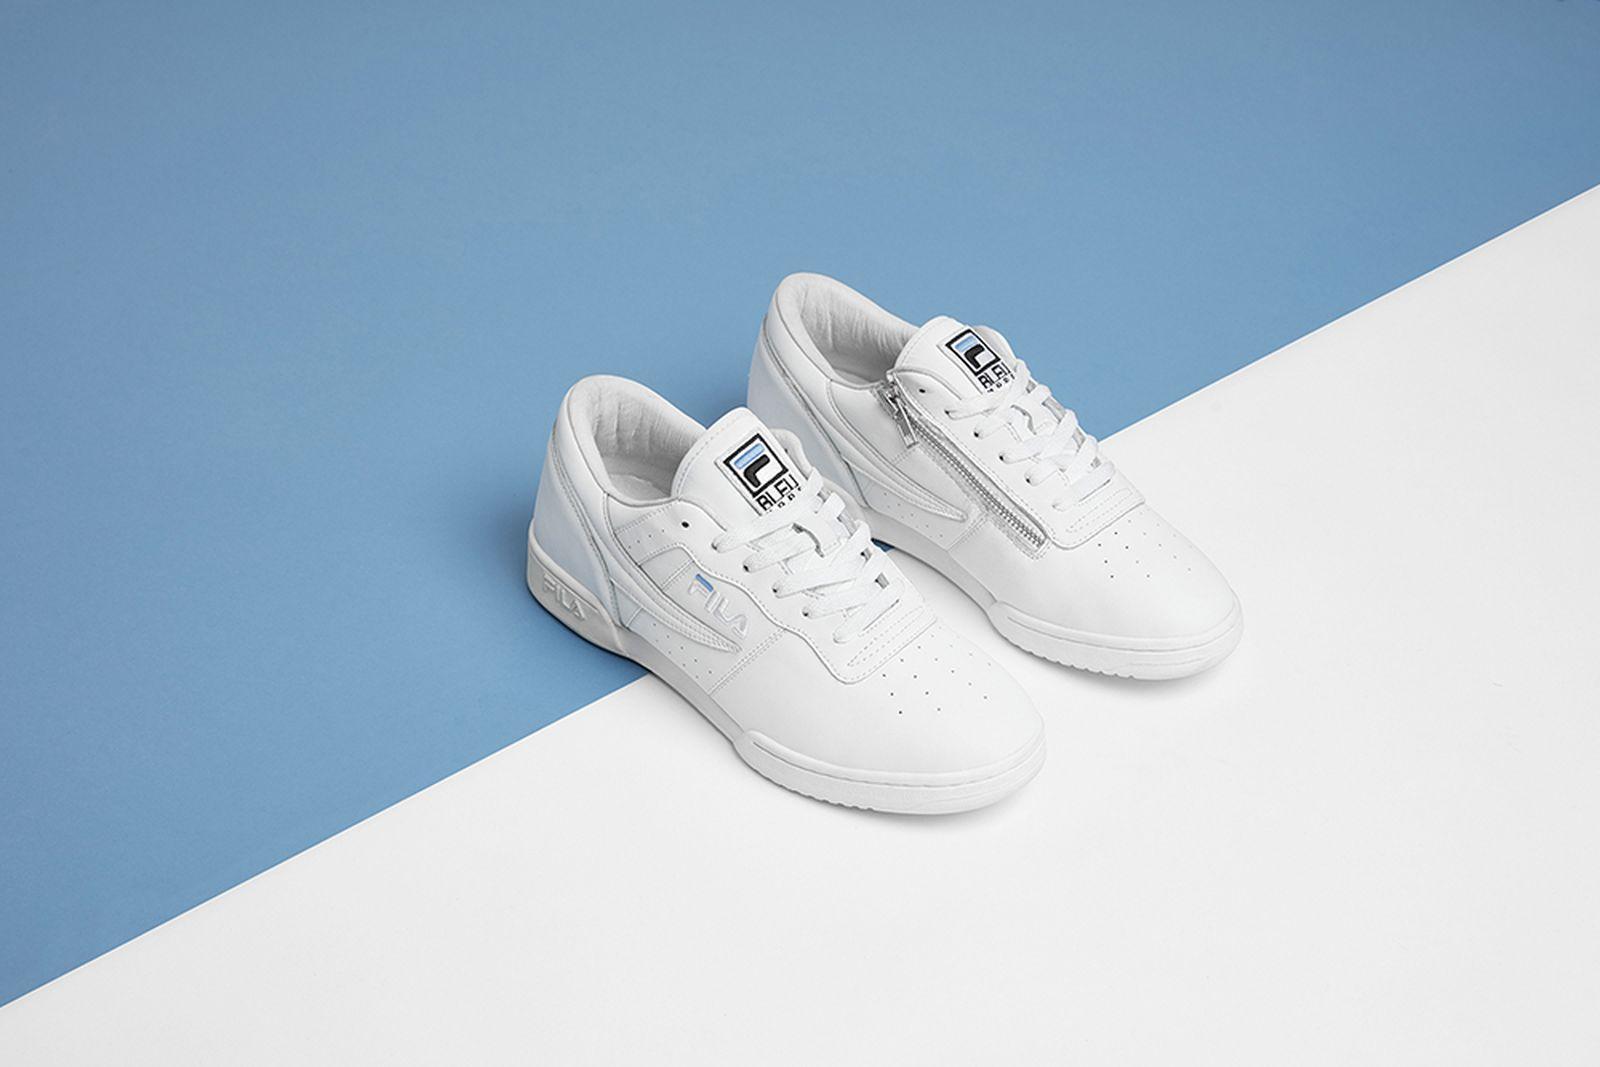 bleu-mode-fila-original-fitness-zipper-release-date-price-02